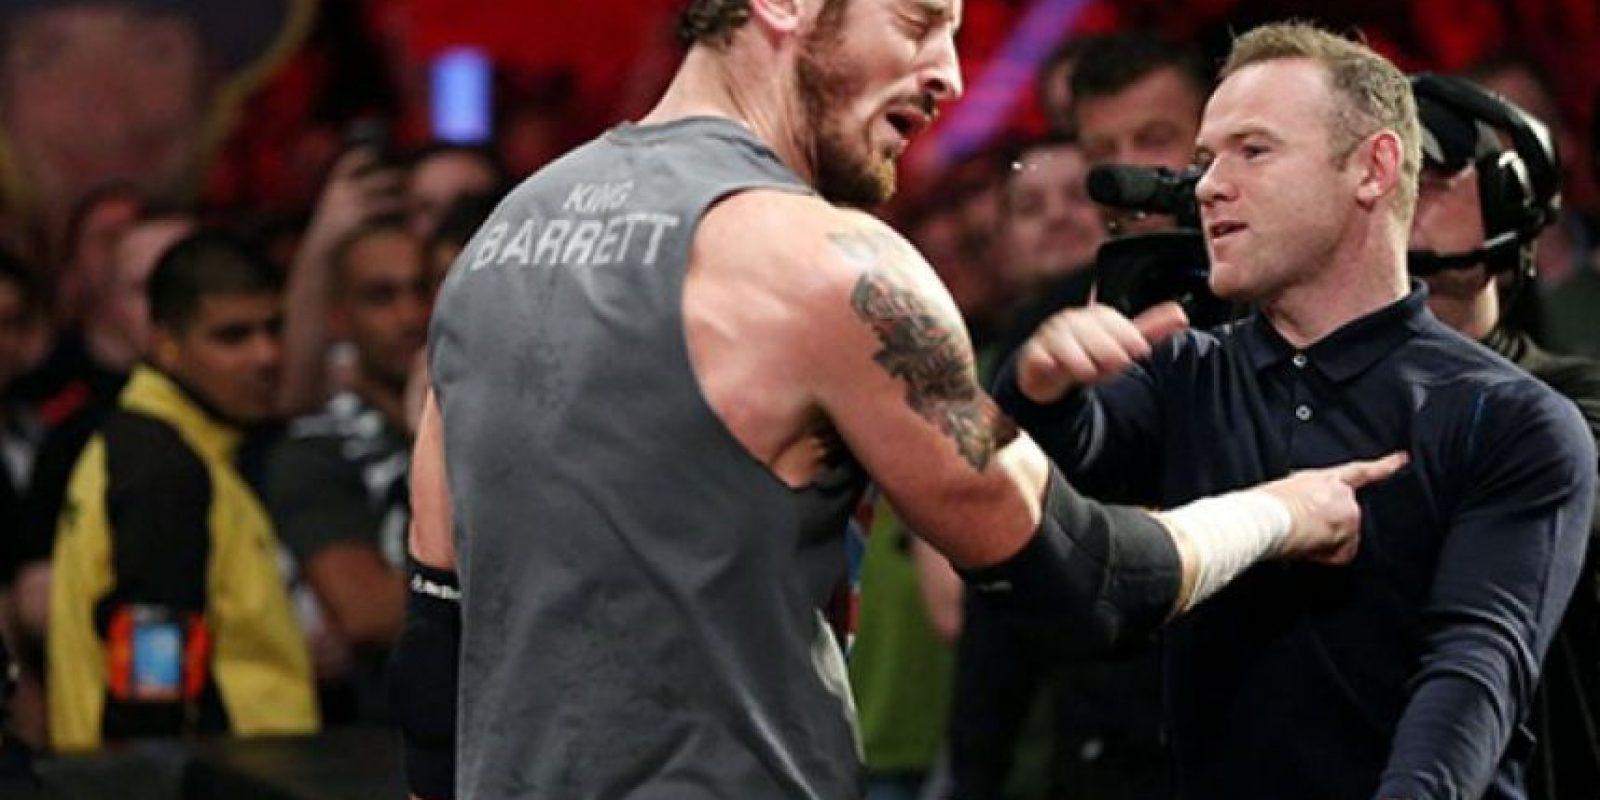 King Barrett fue abofeteado por Wayne Rooney en el espectáculo de RAW en Manchester. Foto:WWE